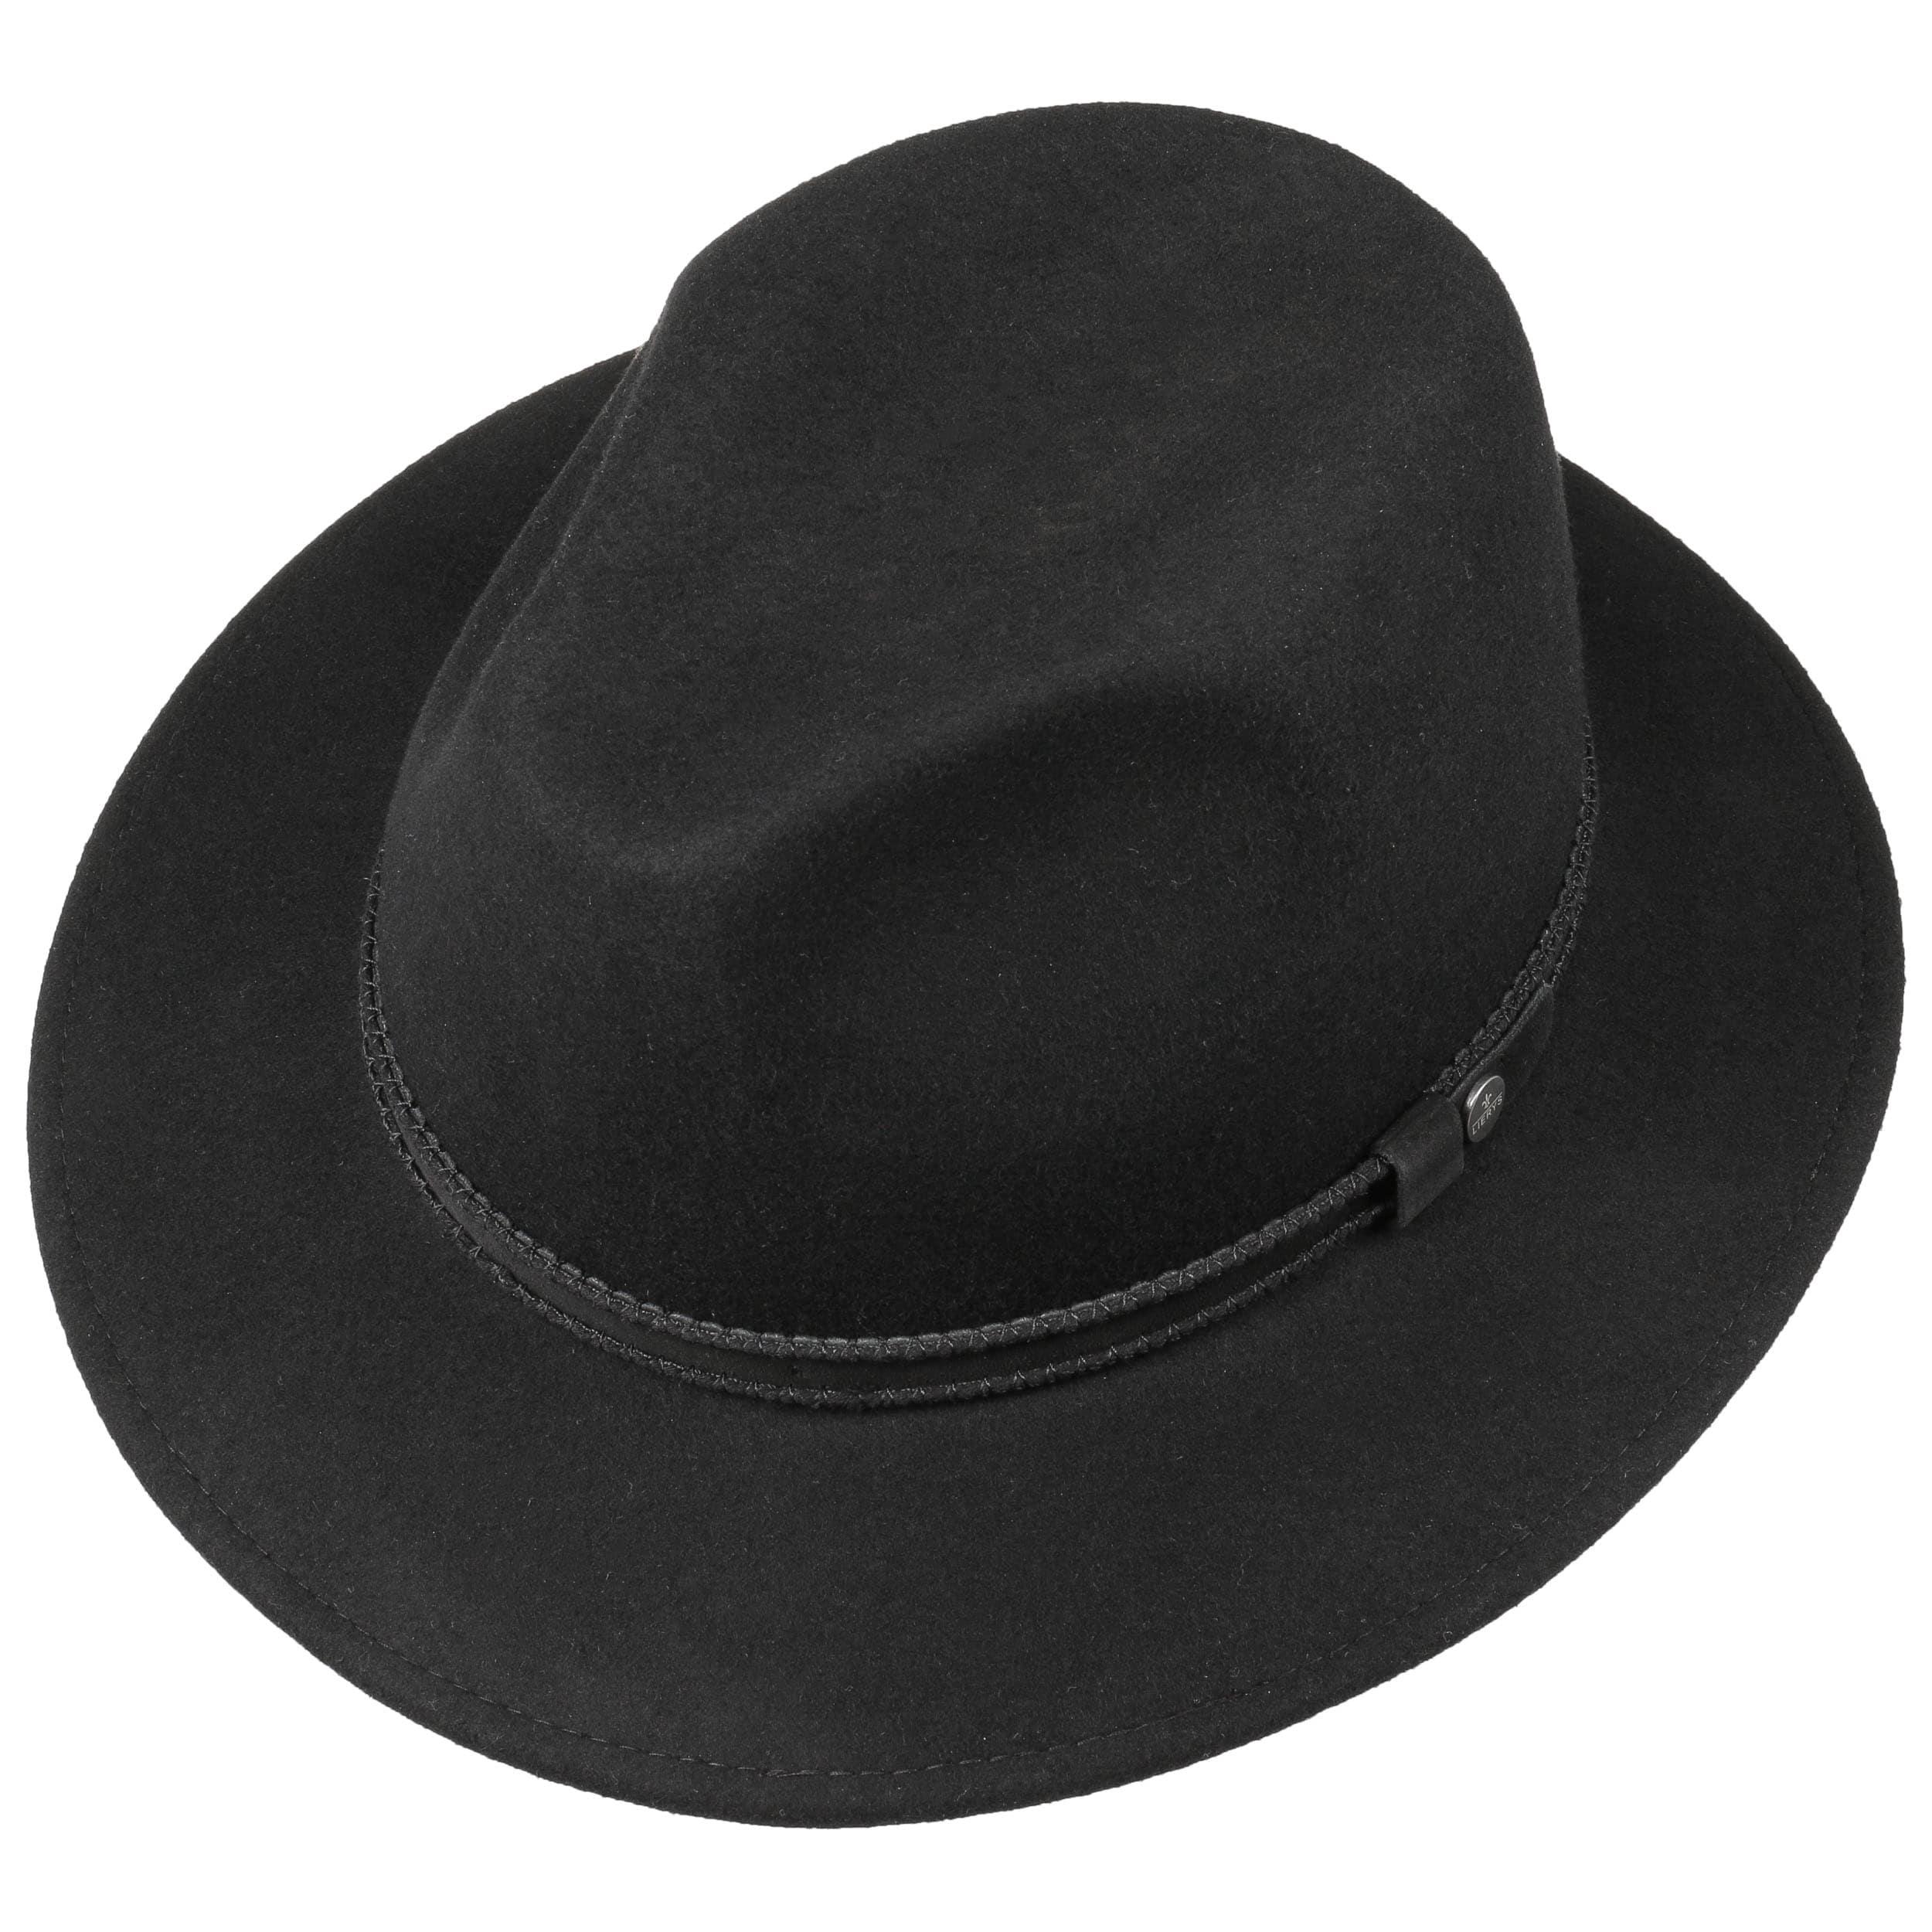 Sombrero Outdoor Traveller by Lierys - Sombreros - sombreroshop.es 15e50b3a4ef